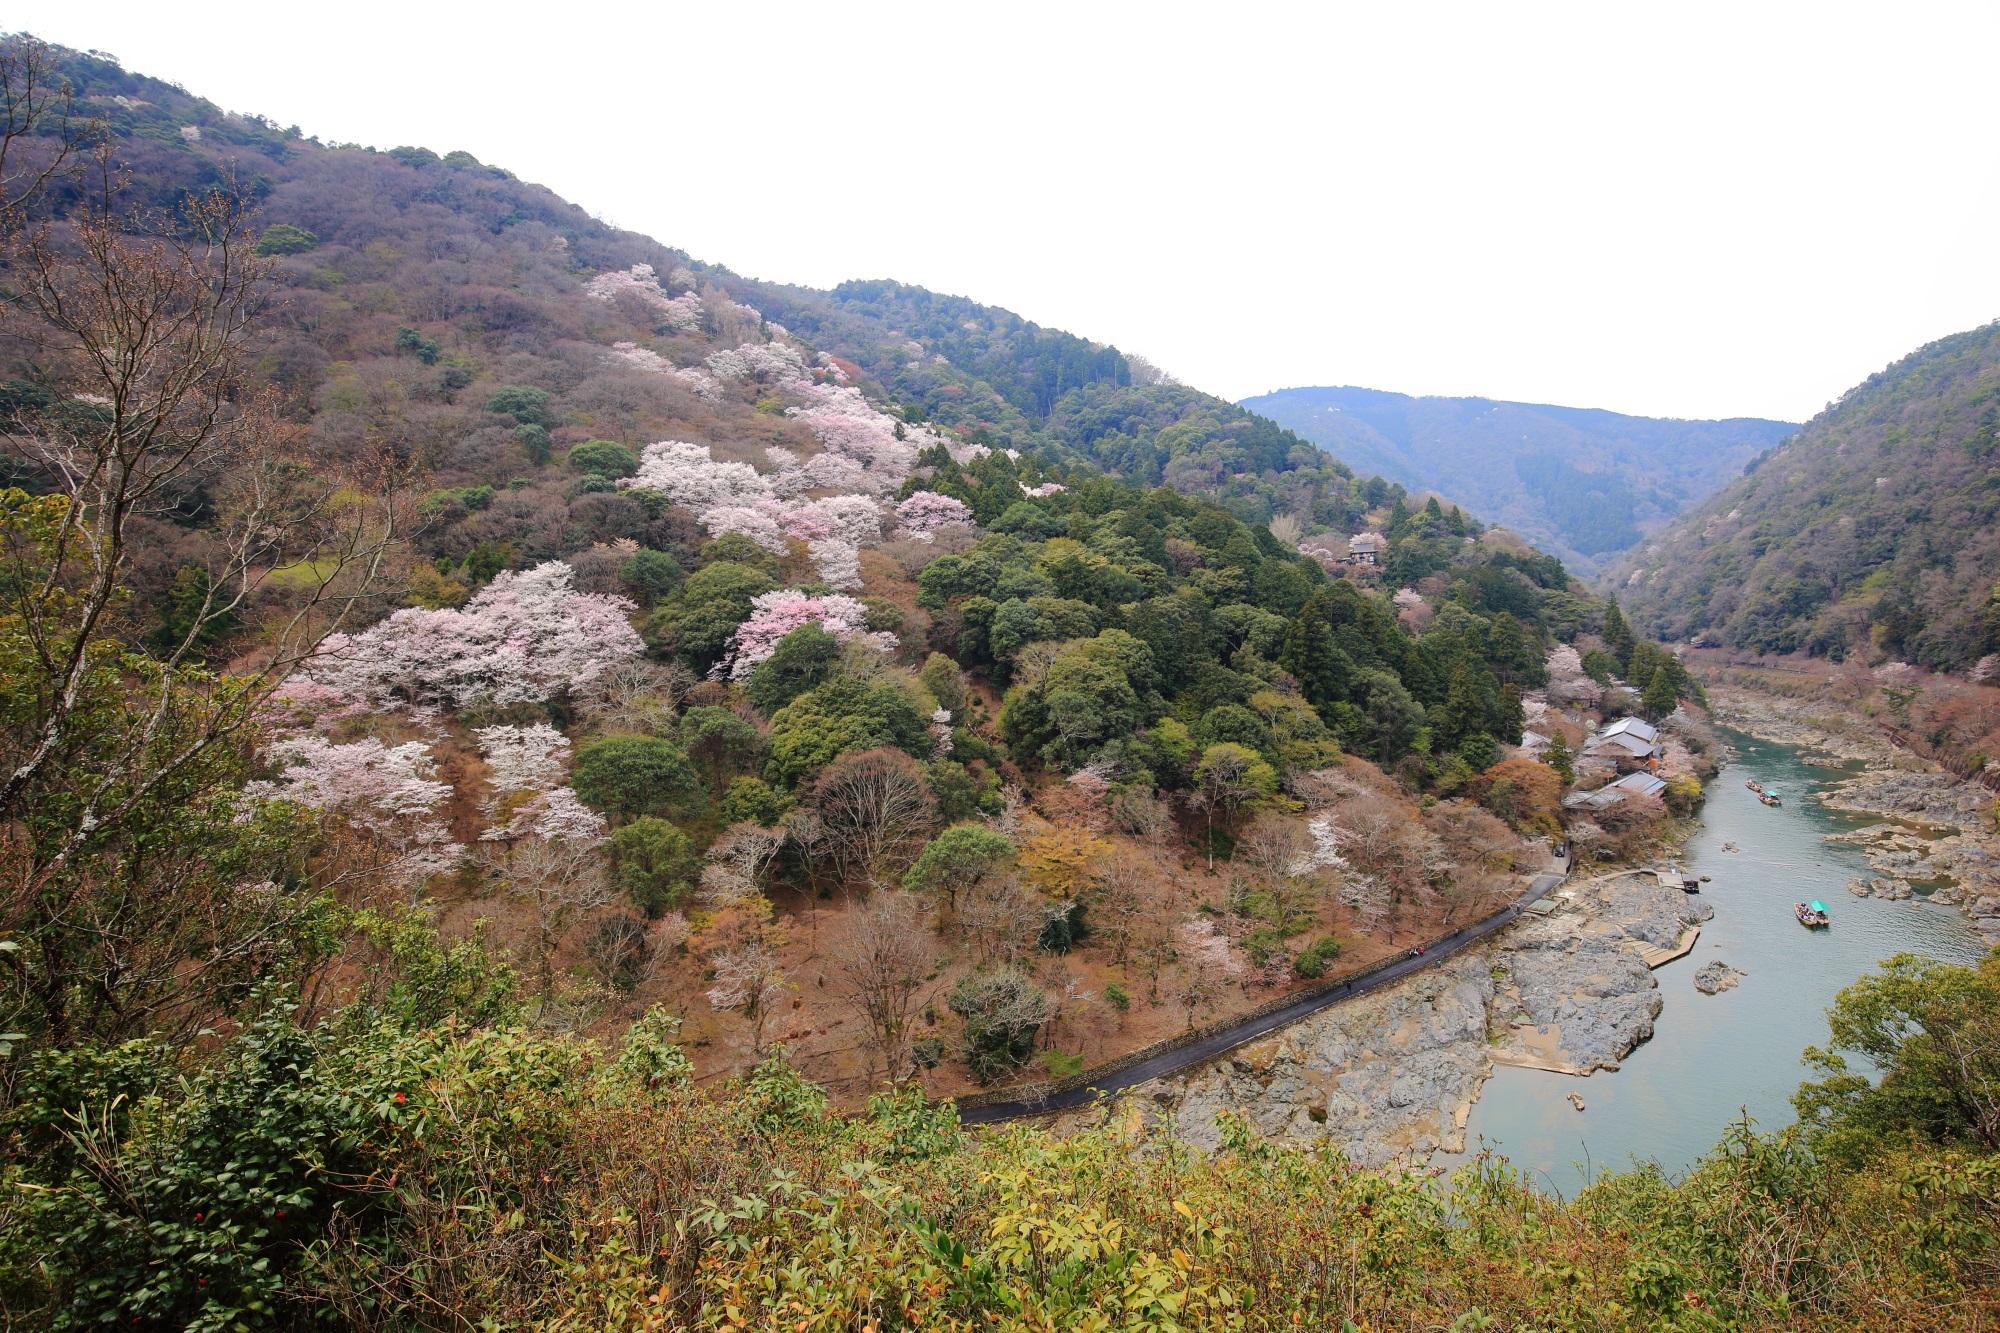 嵐山公園 亀山地区から眺めた春色の嵐山